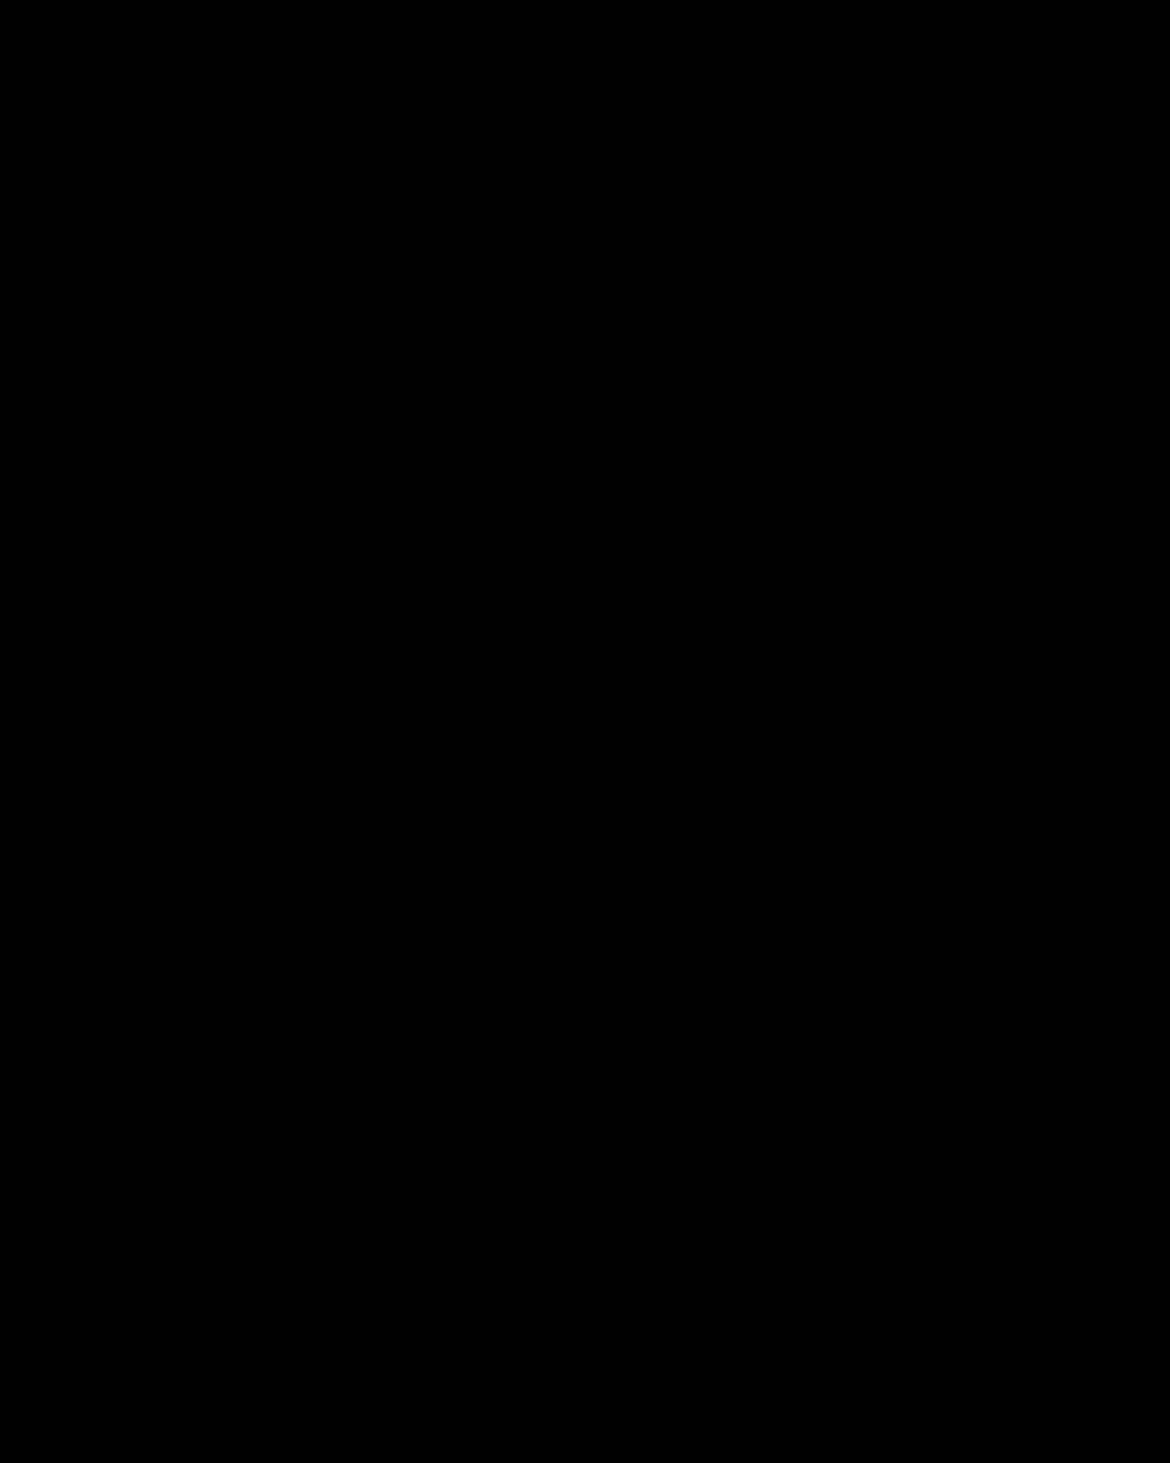 Una settimana in Giappone - Il mio itinerario by Laura Comolli - Takasakiya National Park, Beppu, Prefettura di Oita,